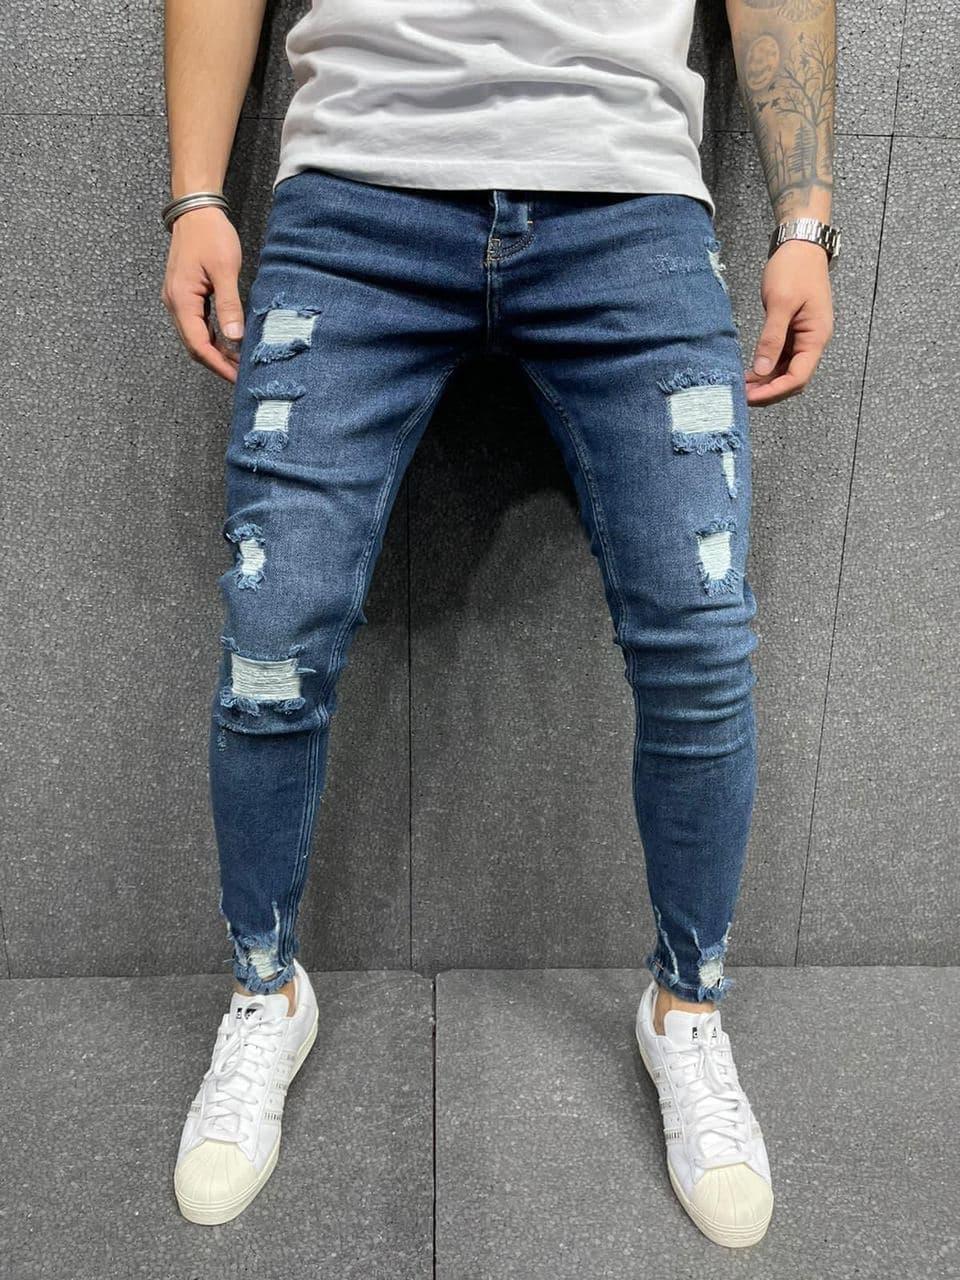 Мужские зауженные джинсы синие с заплатками